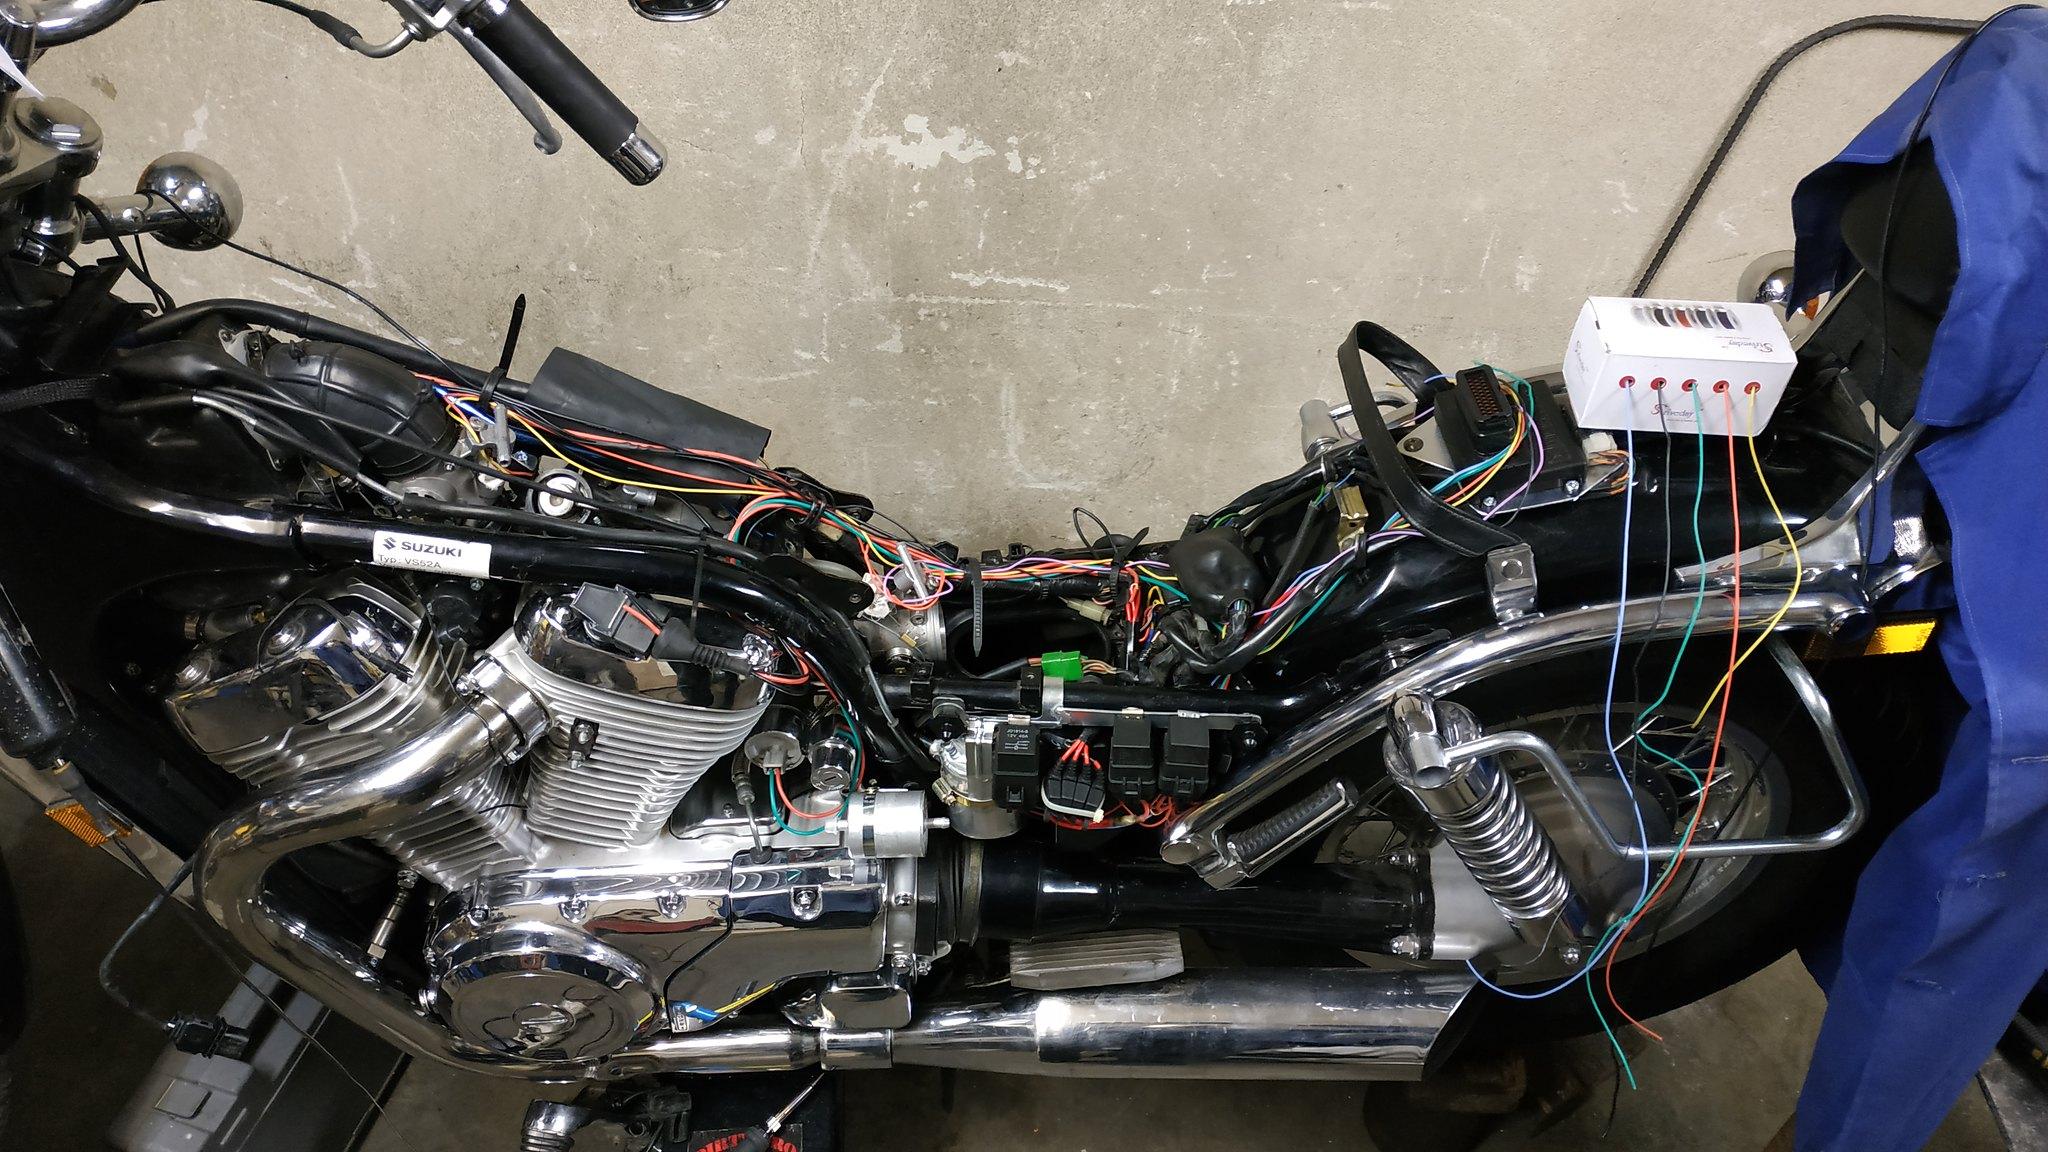 EFI conversion on VS800 49528745808_4d8f492091_k